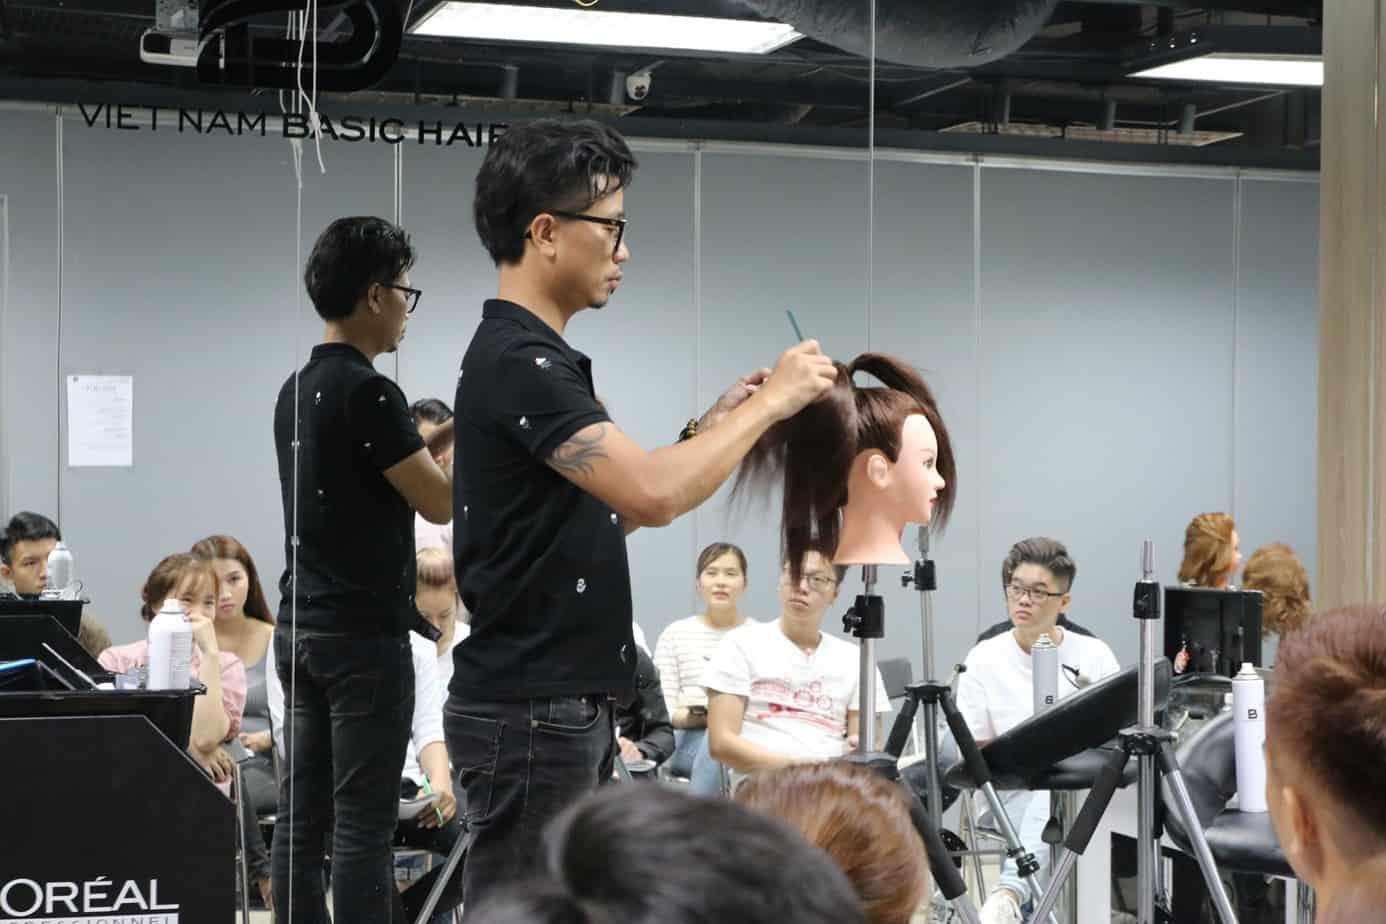 Top 10 Học Viện Đào Tạo Nghề Tóc Đảm Bảo Chất Lượng Tại Hồ Chí Minh - học viện đào tạo nghề tóc chất lượng - Giáo Dục 101